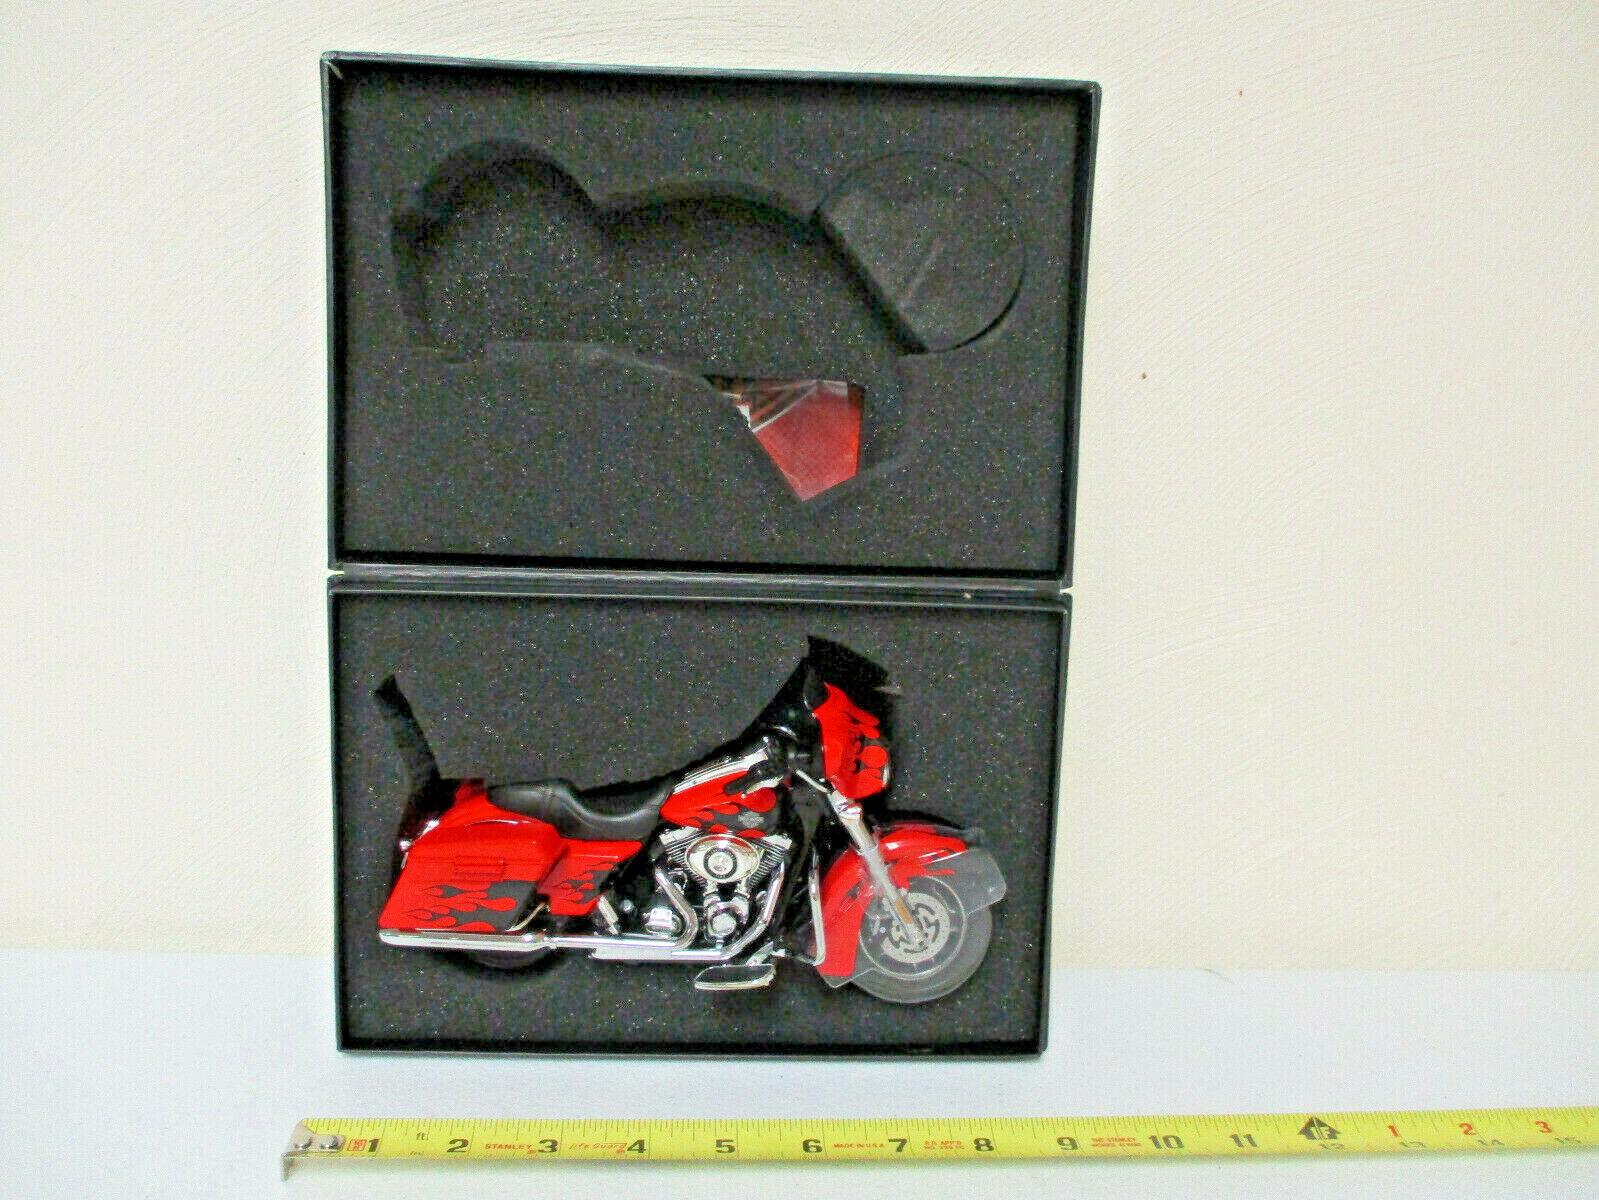 Harley-Davidson rouge Hot Lava 2009  FLHX rue Glide par DCP échelle 1 12th  magasin en ligne